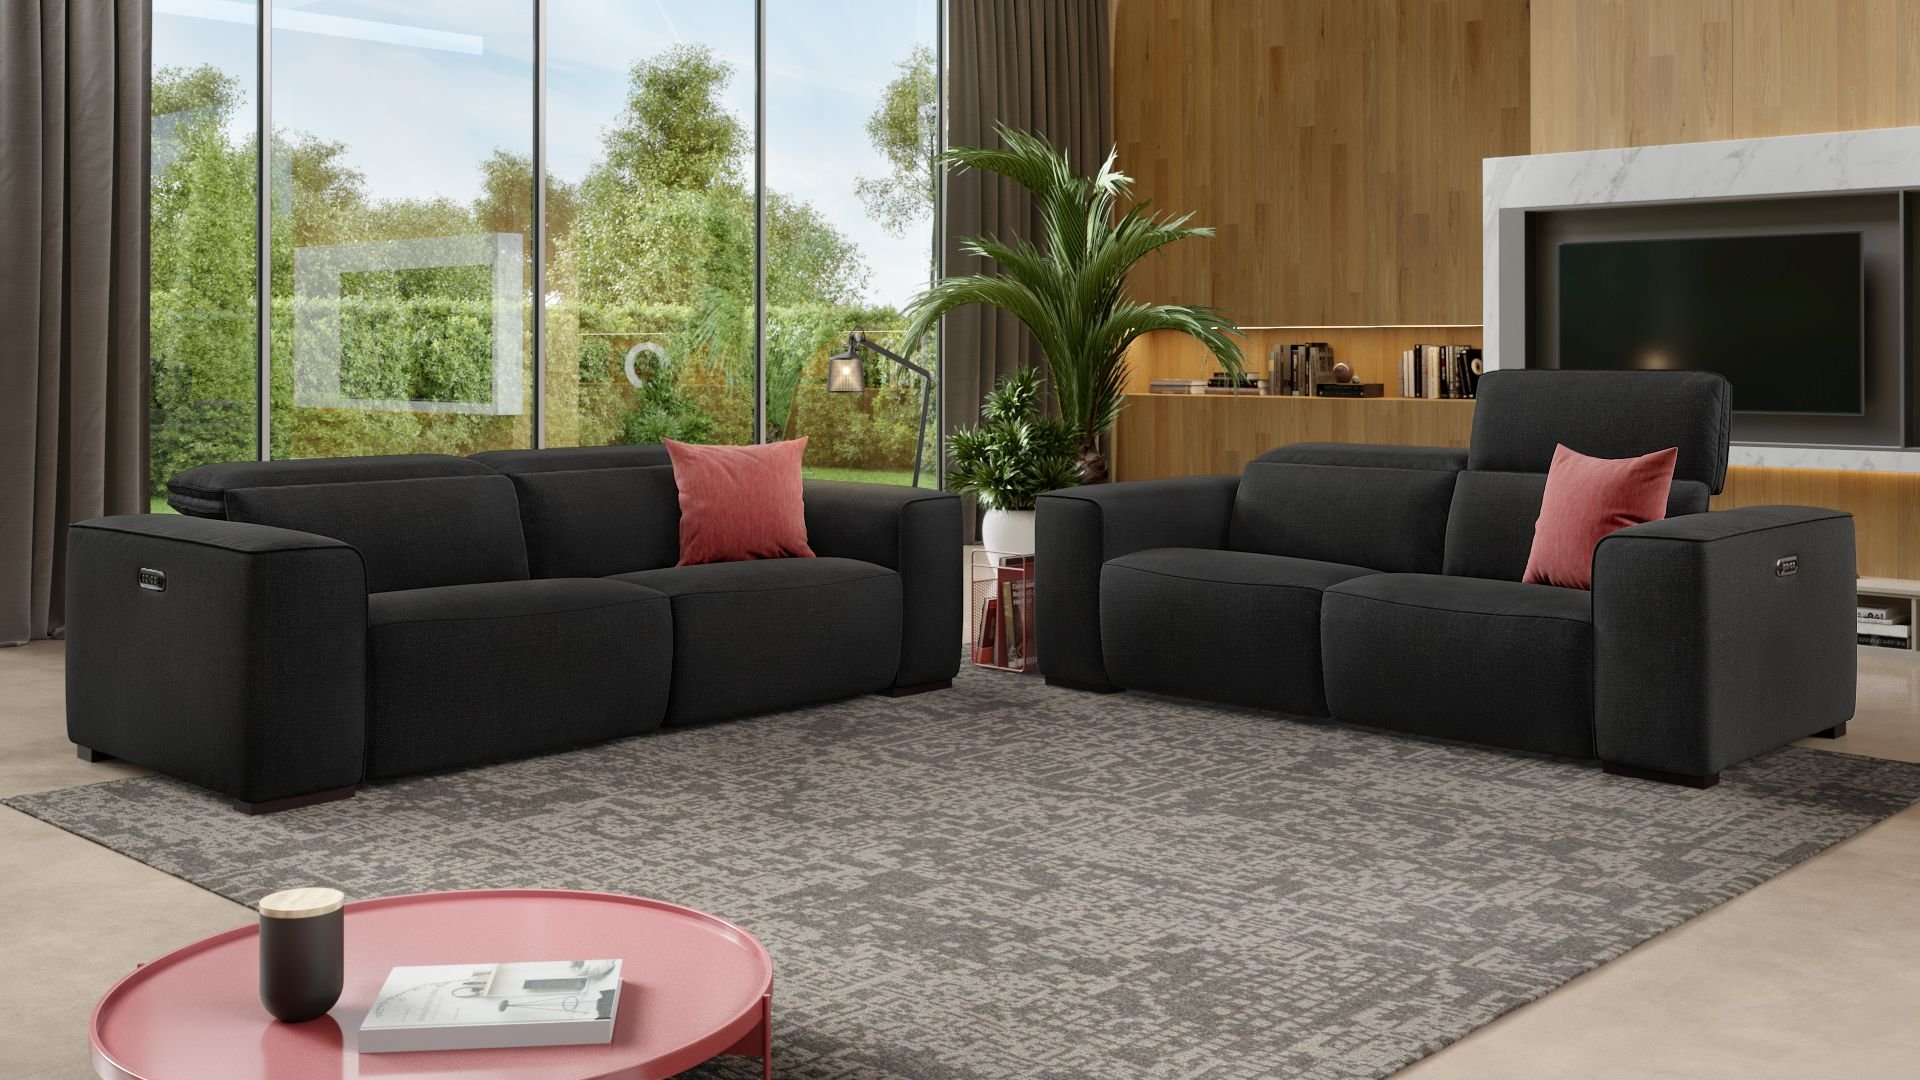 Stoff 2-Sitzer Sofa BINETTO